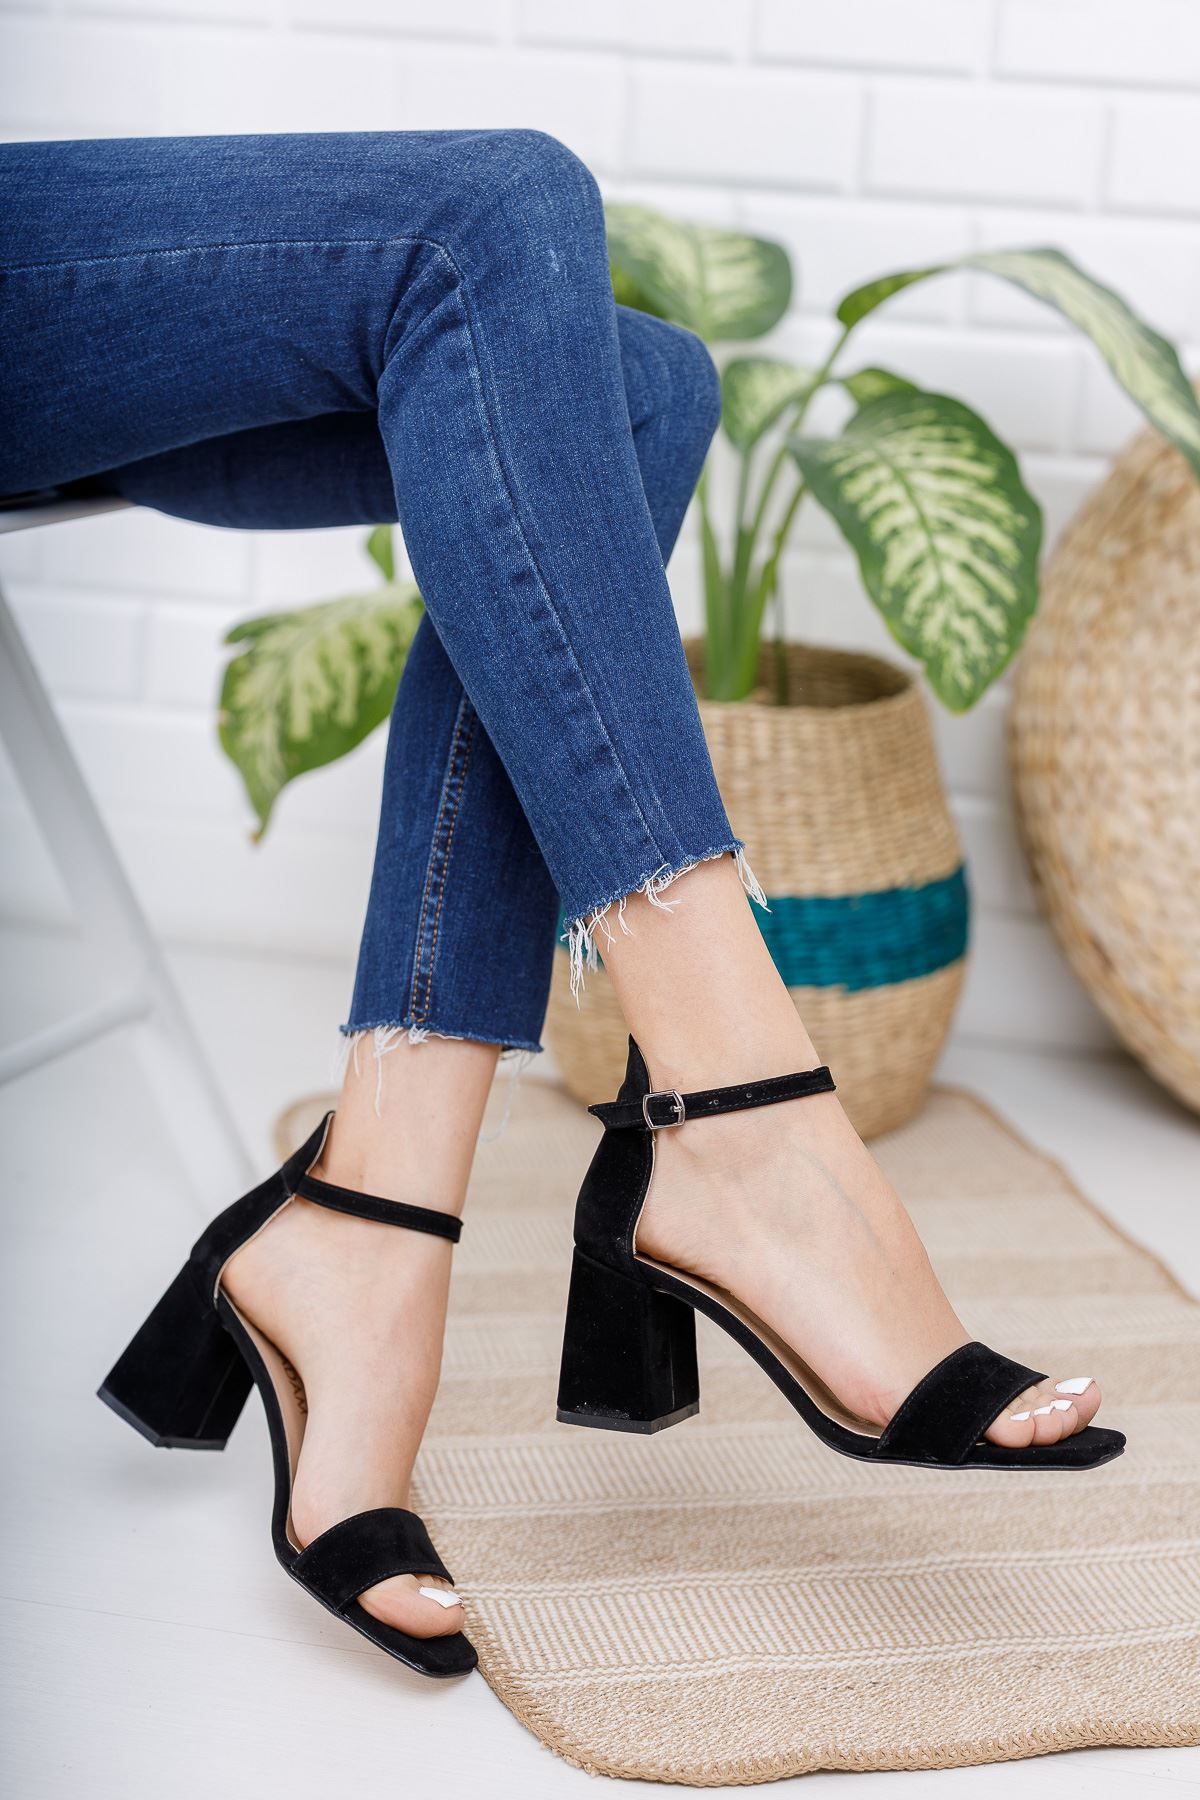 Kadın Toronto Kısa Topuklu Köşe Burun Siyah Süet Tek Bant Ayakkabı